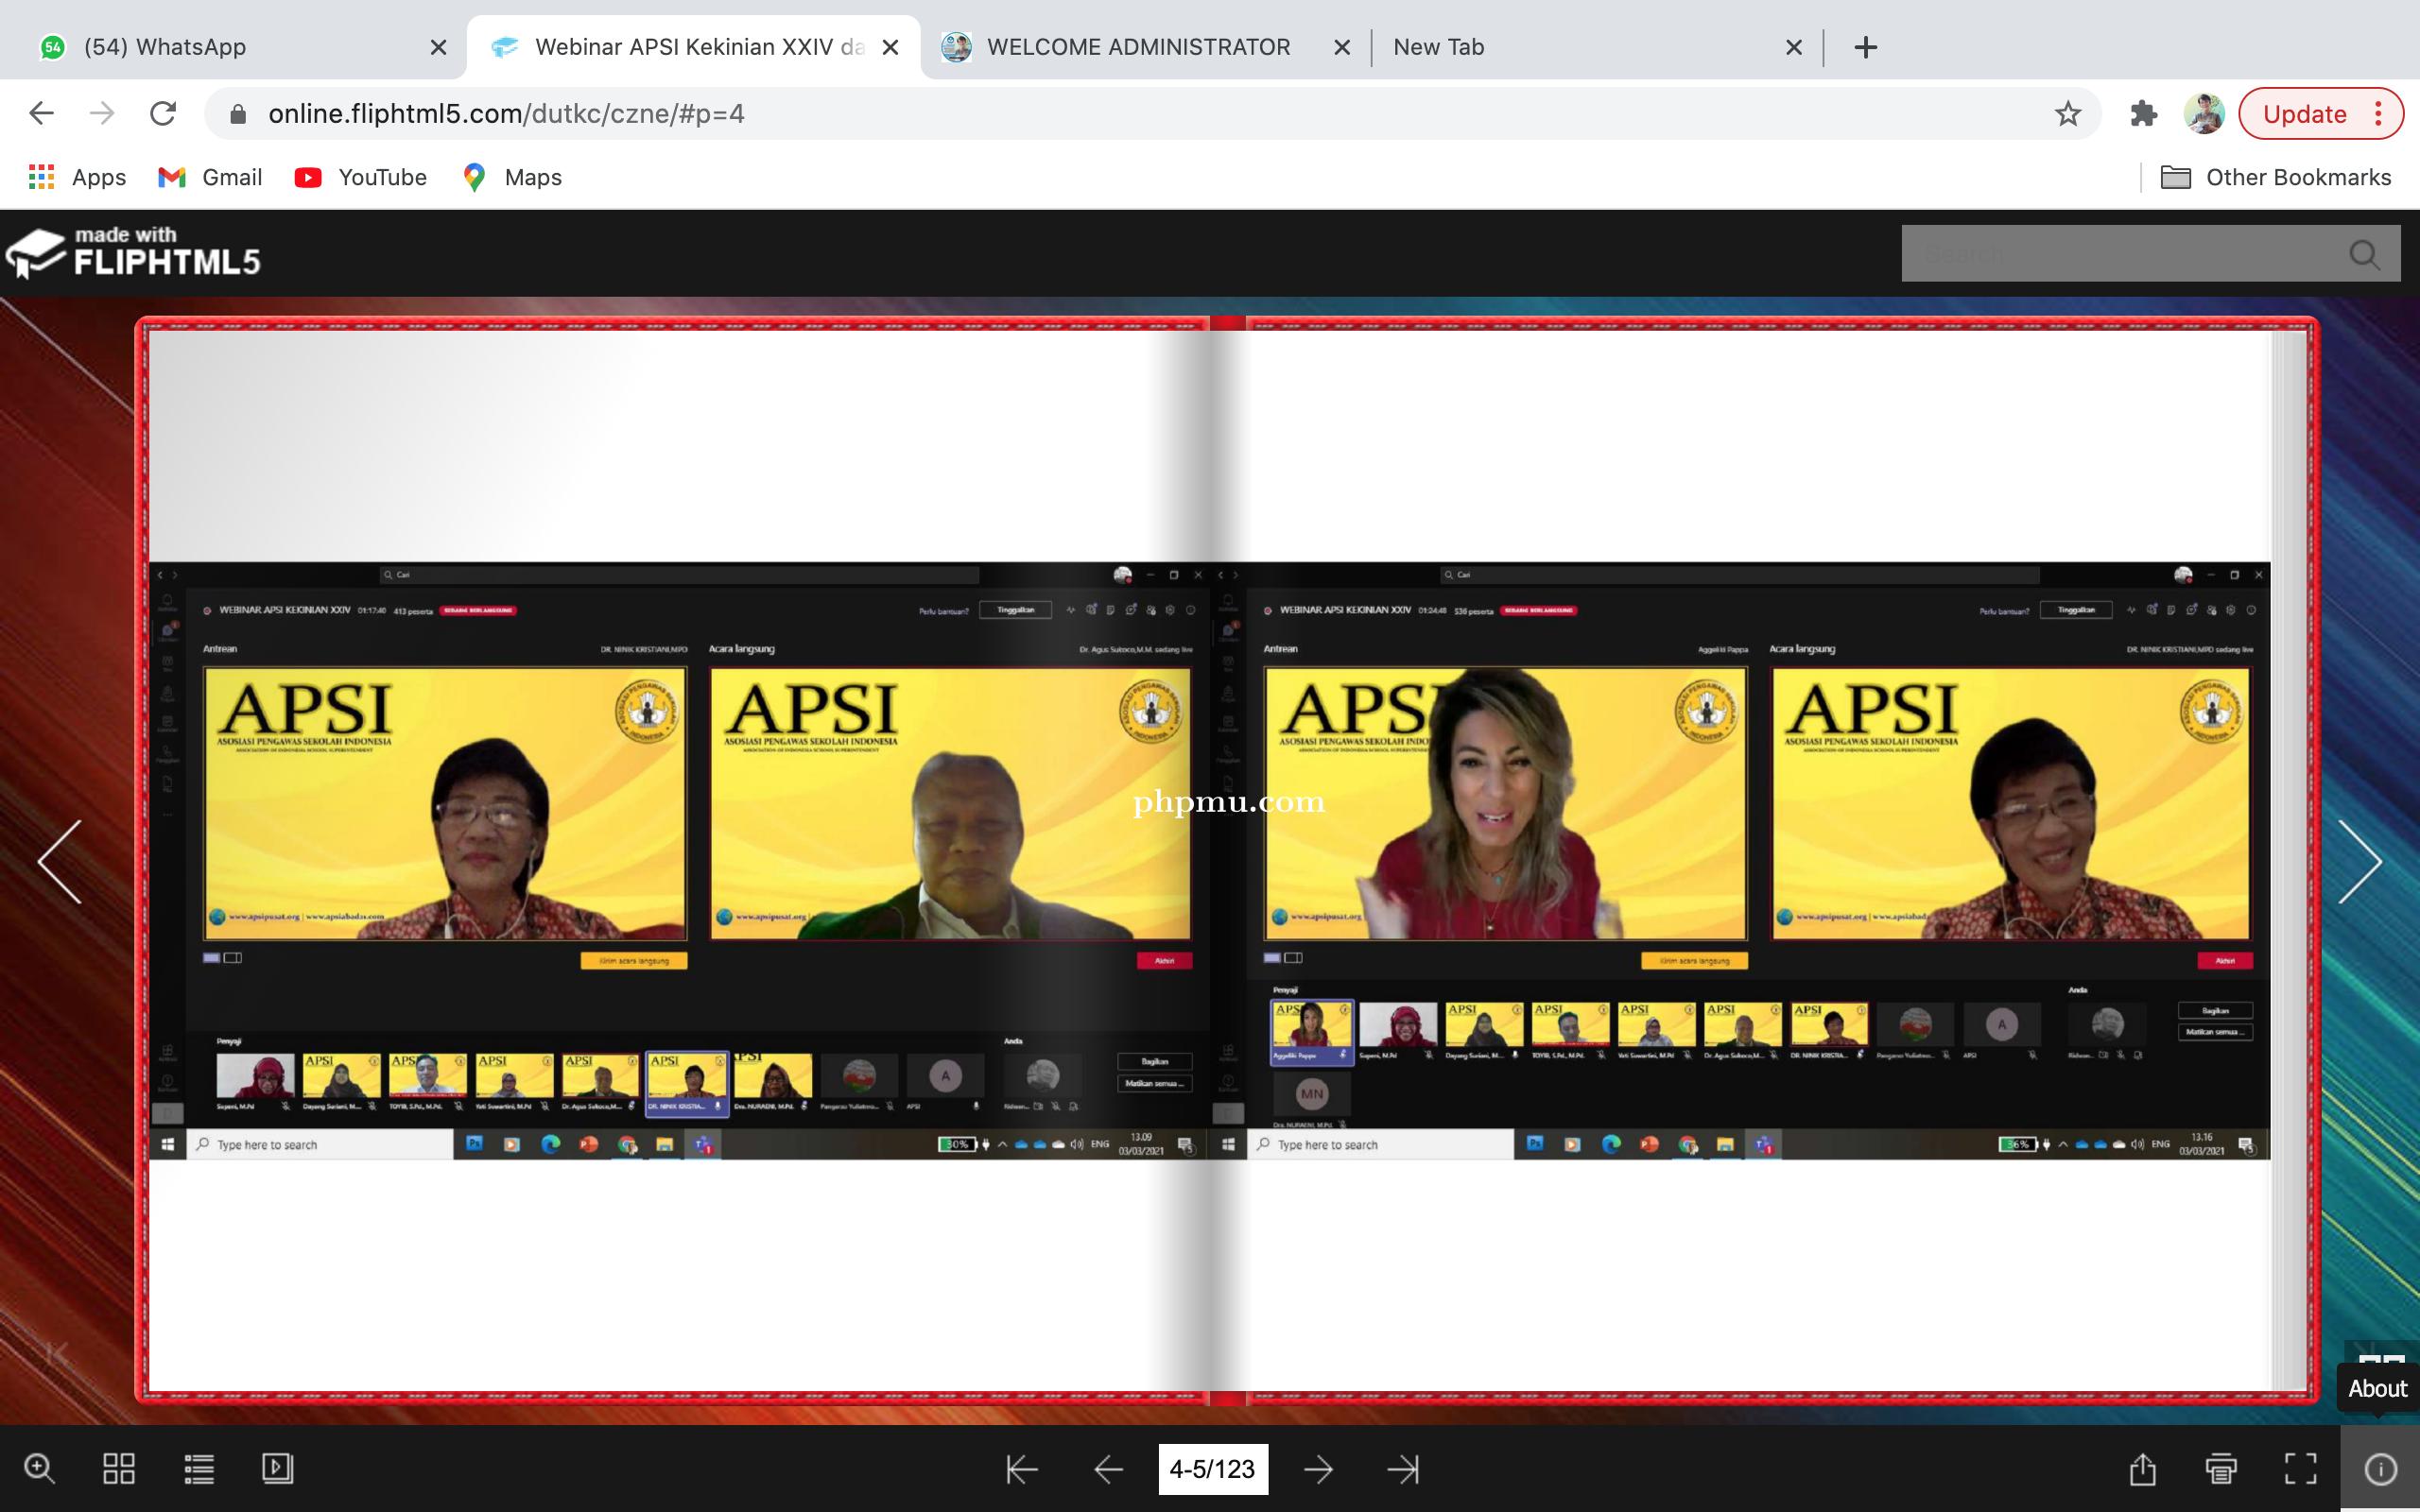 Webinar Kekinian APSI XXIV